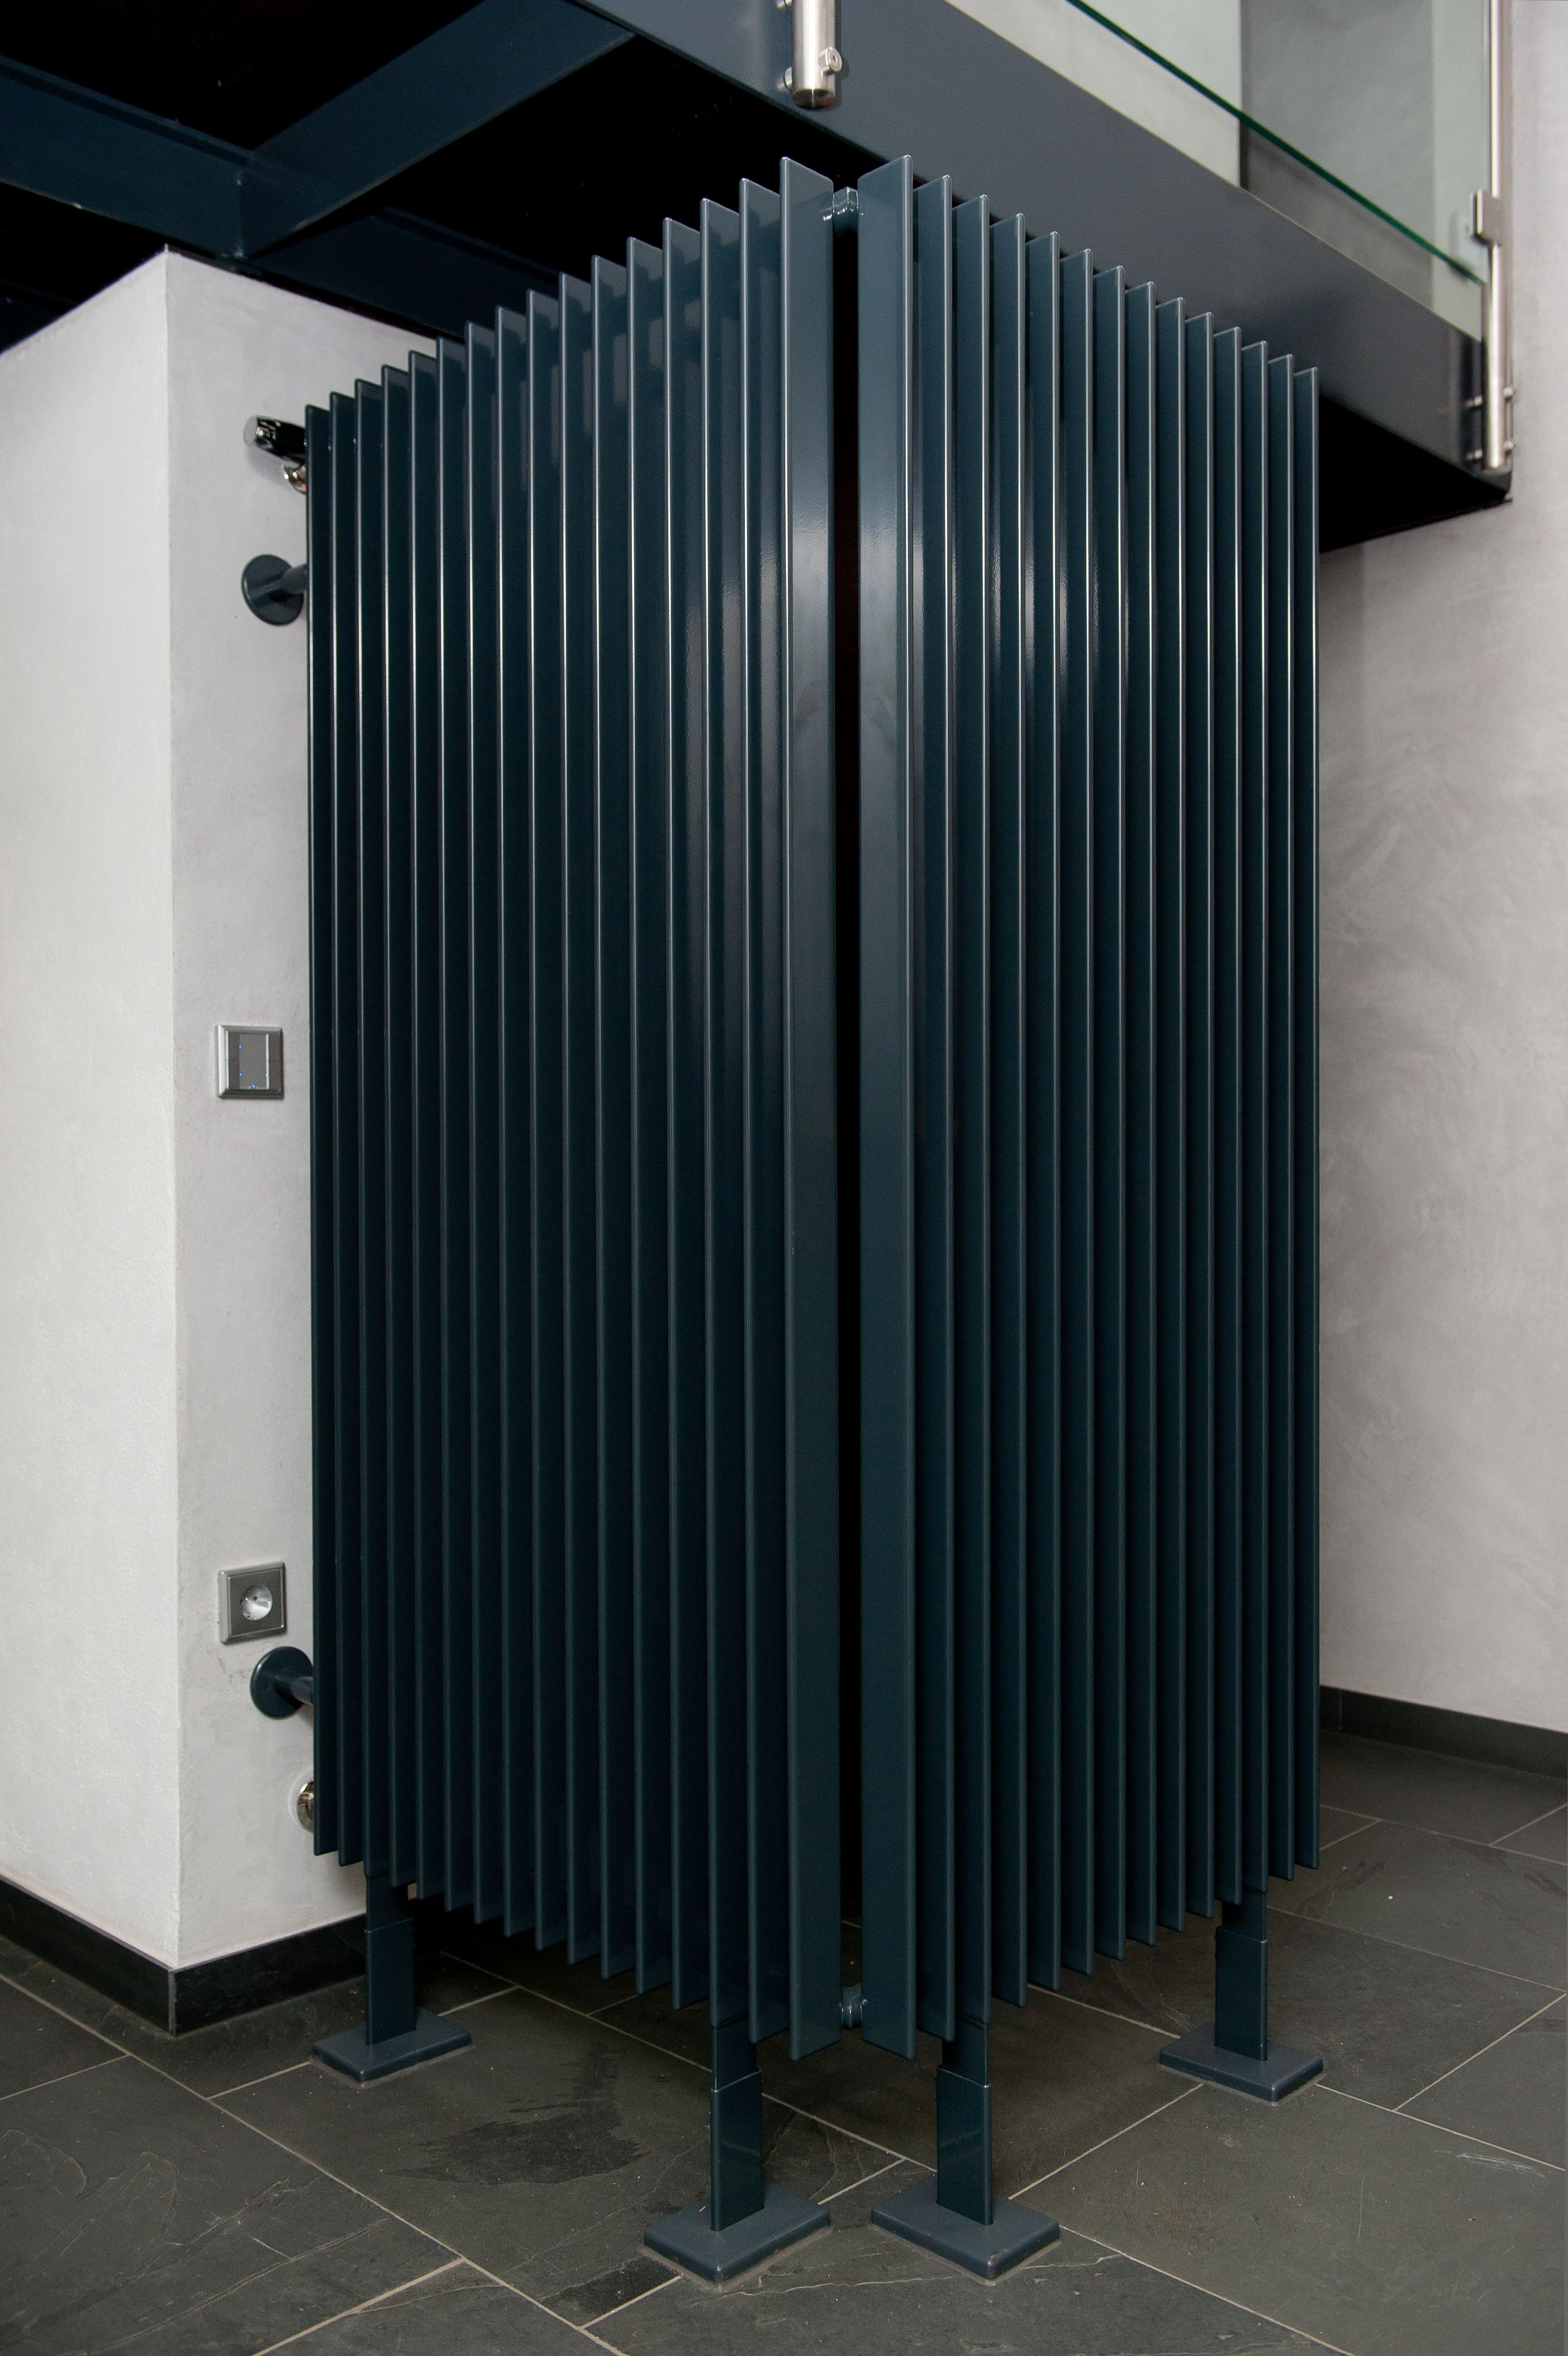 Pin Von Heizung Barthel Auf Heizungen Chauffage Warmepumpe Luftungsanlagen Solaranlage